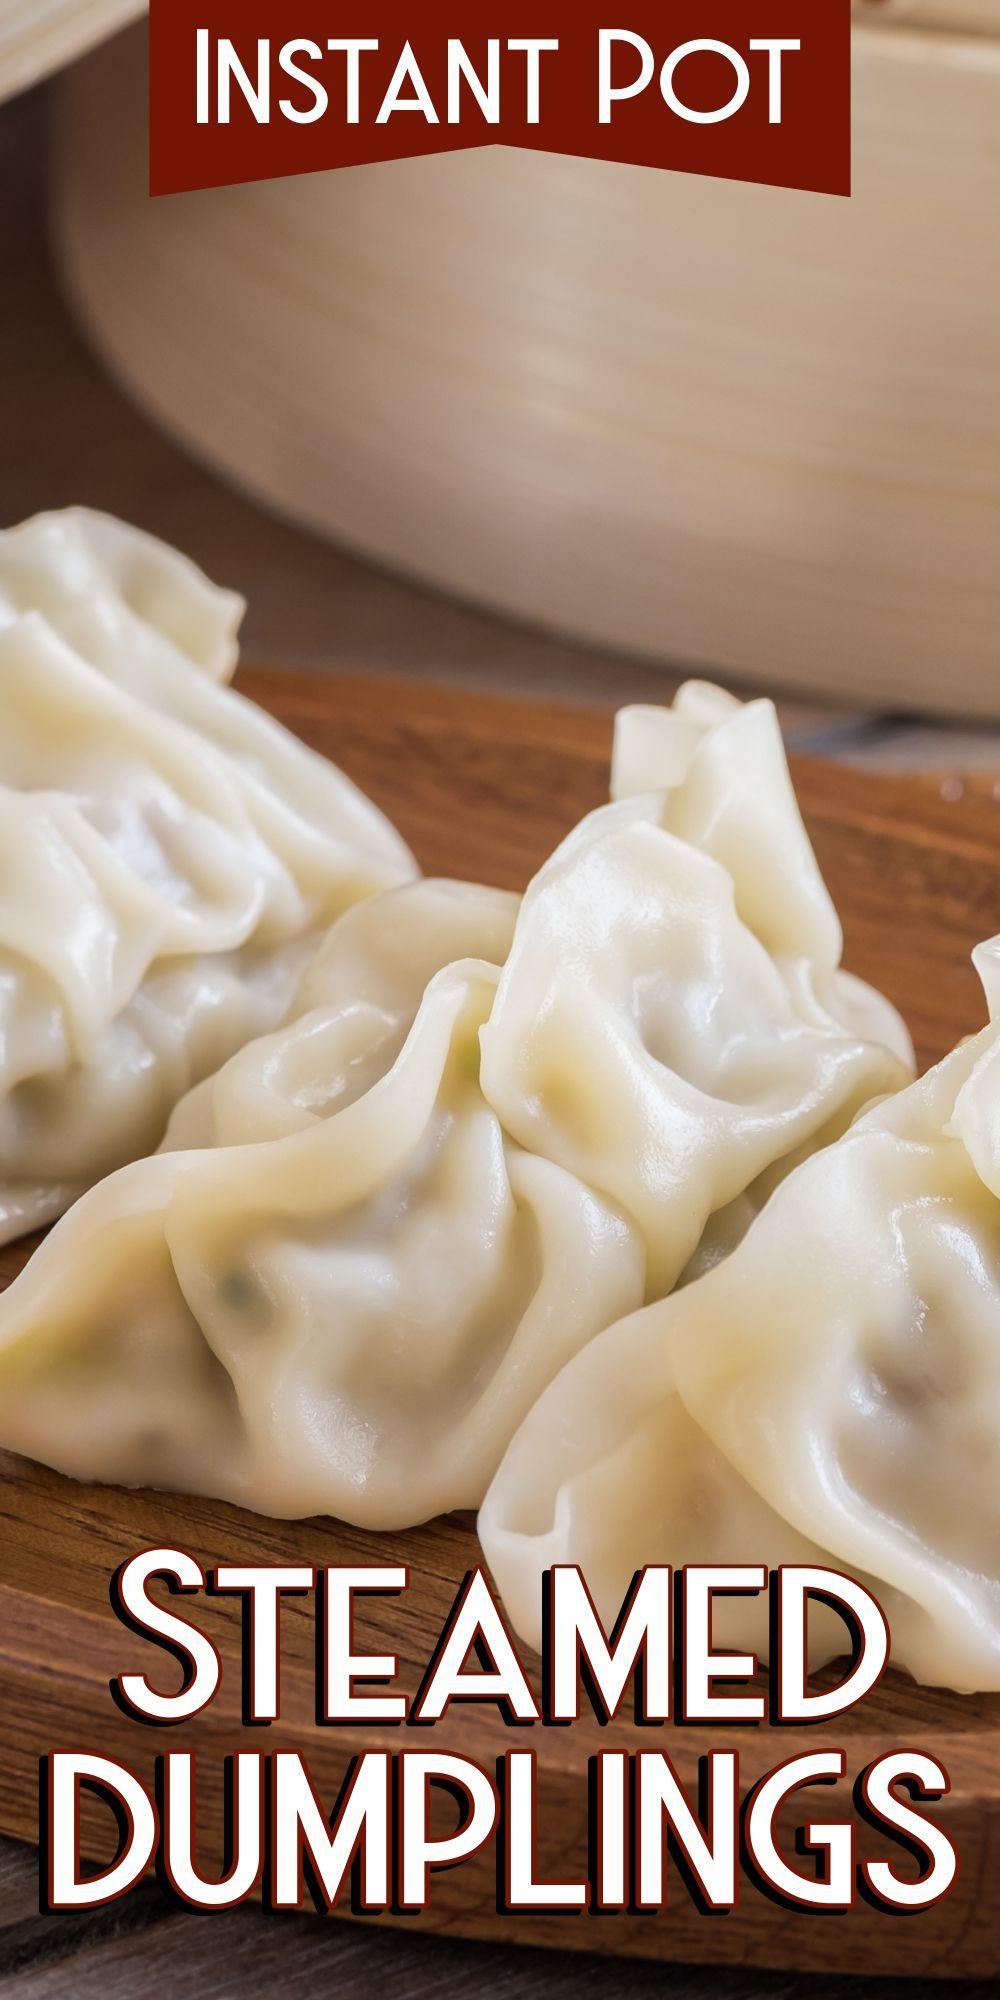 Pressure Cooker Steamed Dumplings images